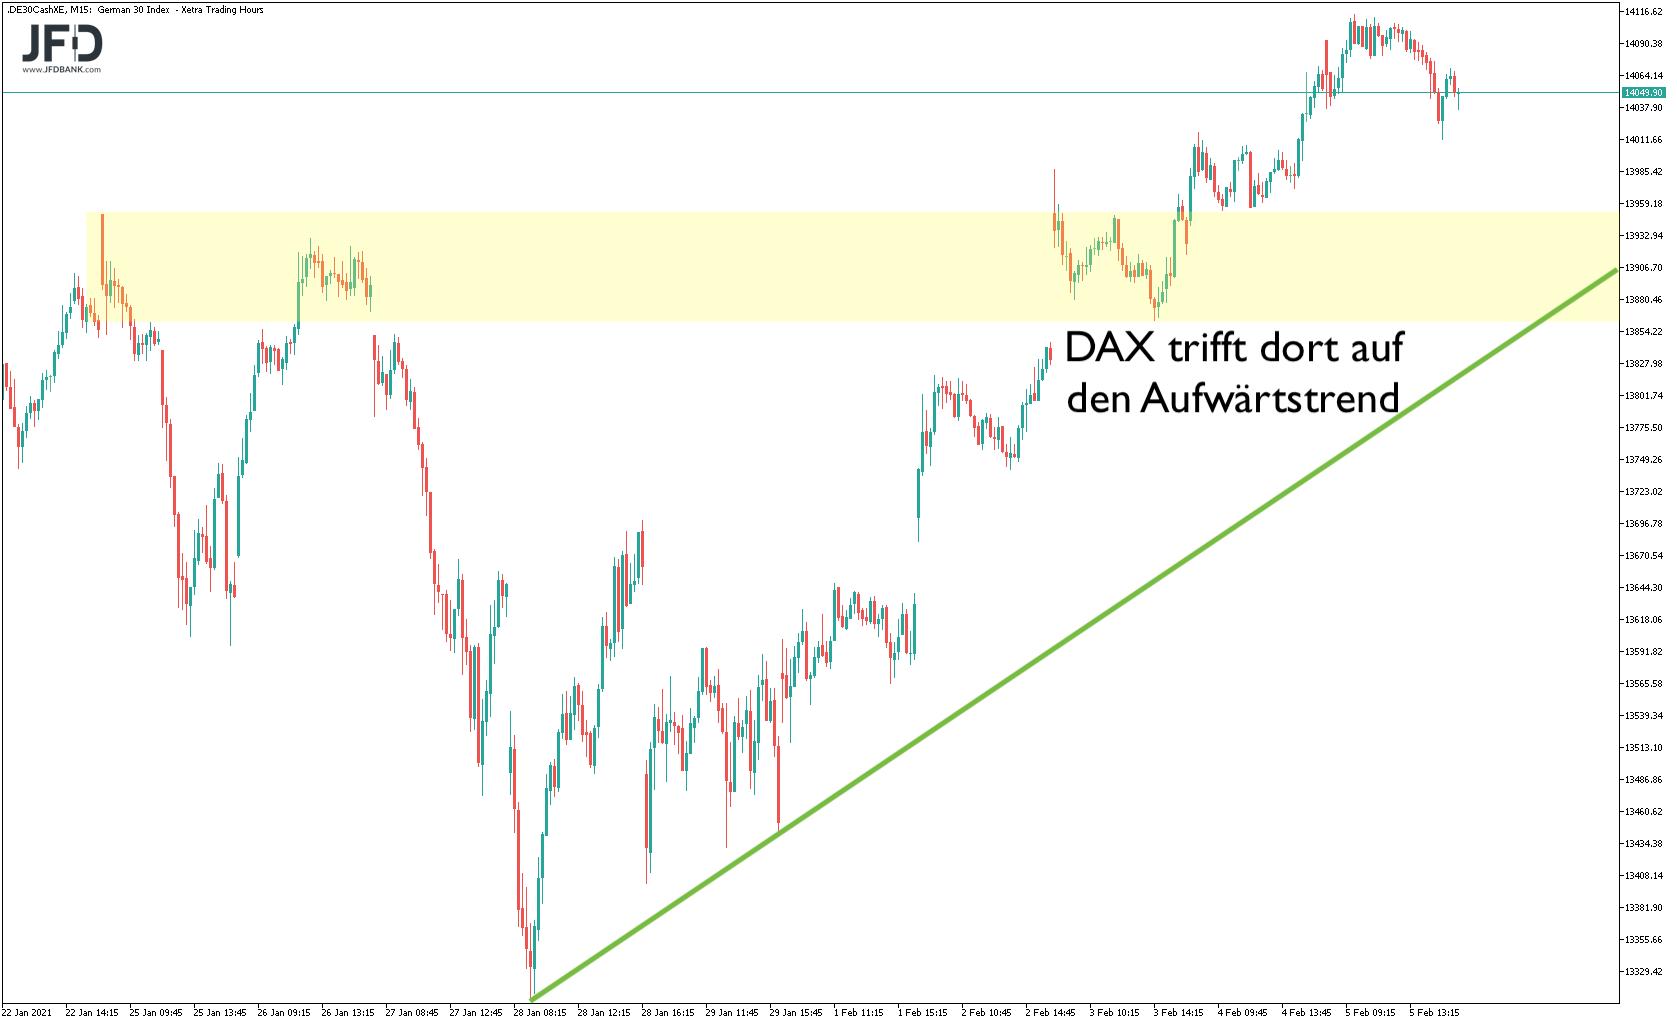 Korrekturzone und Aufwärtstrend im DAX